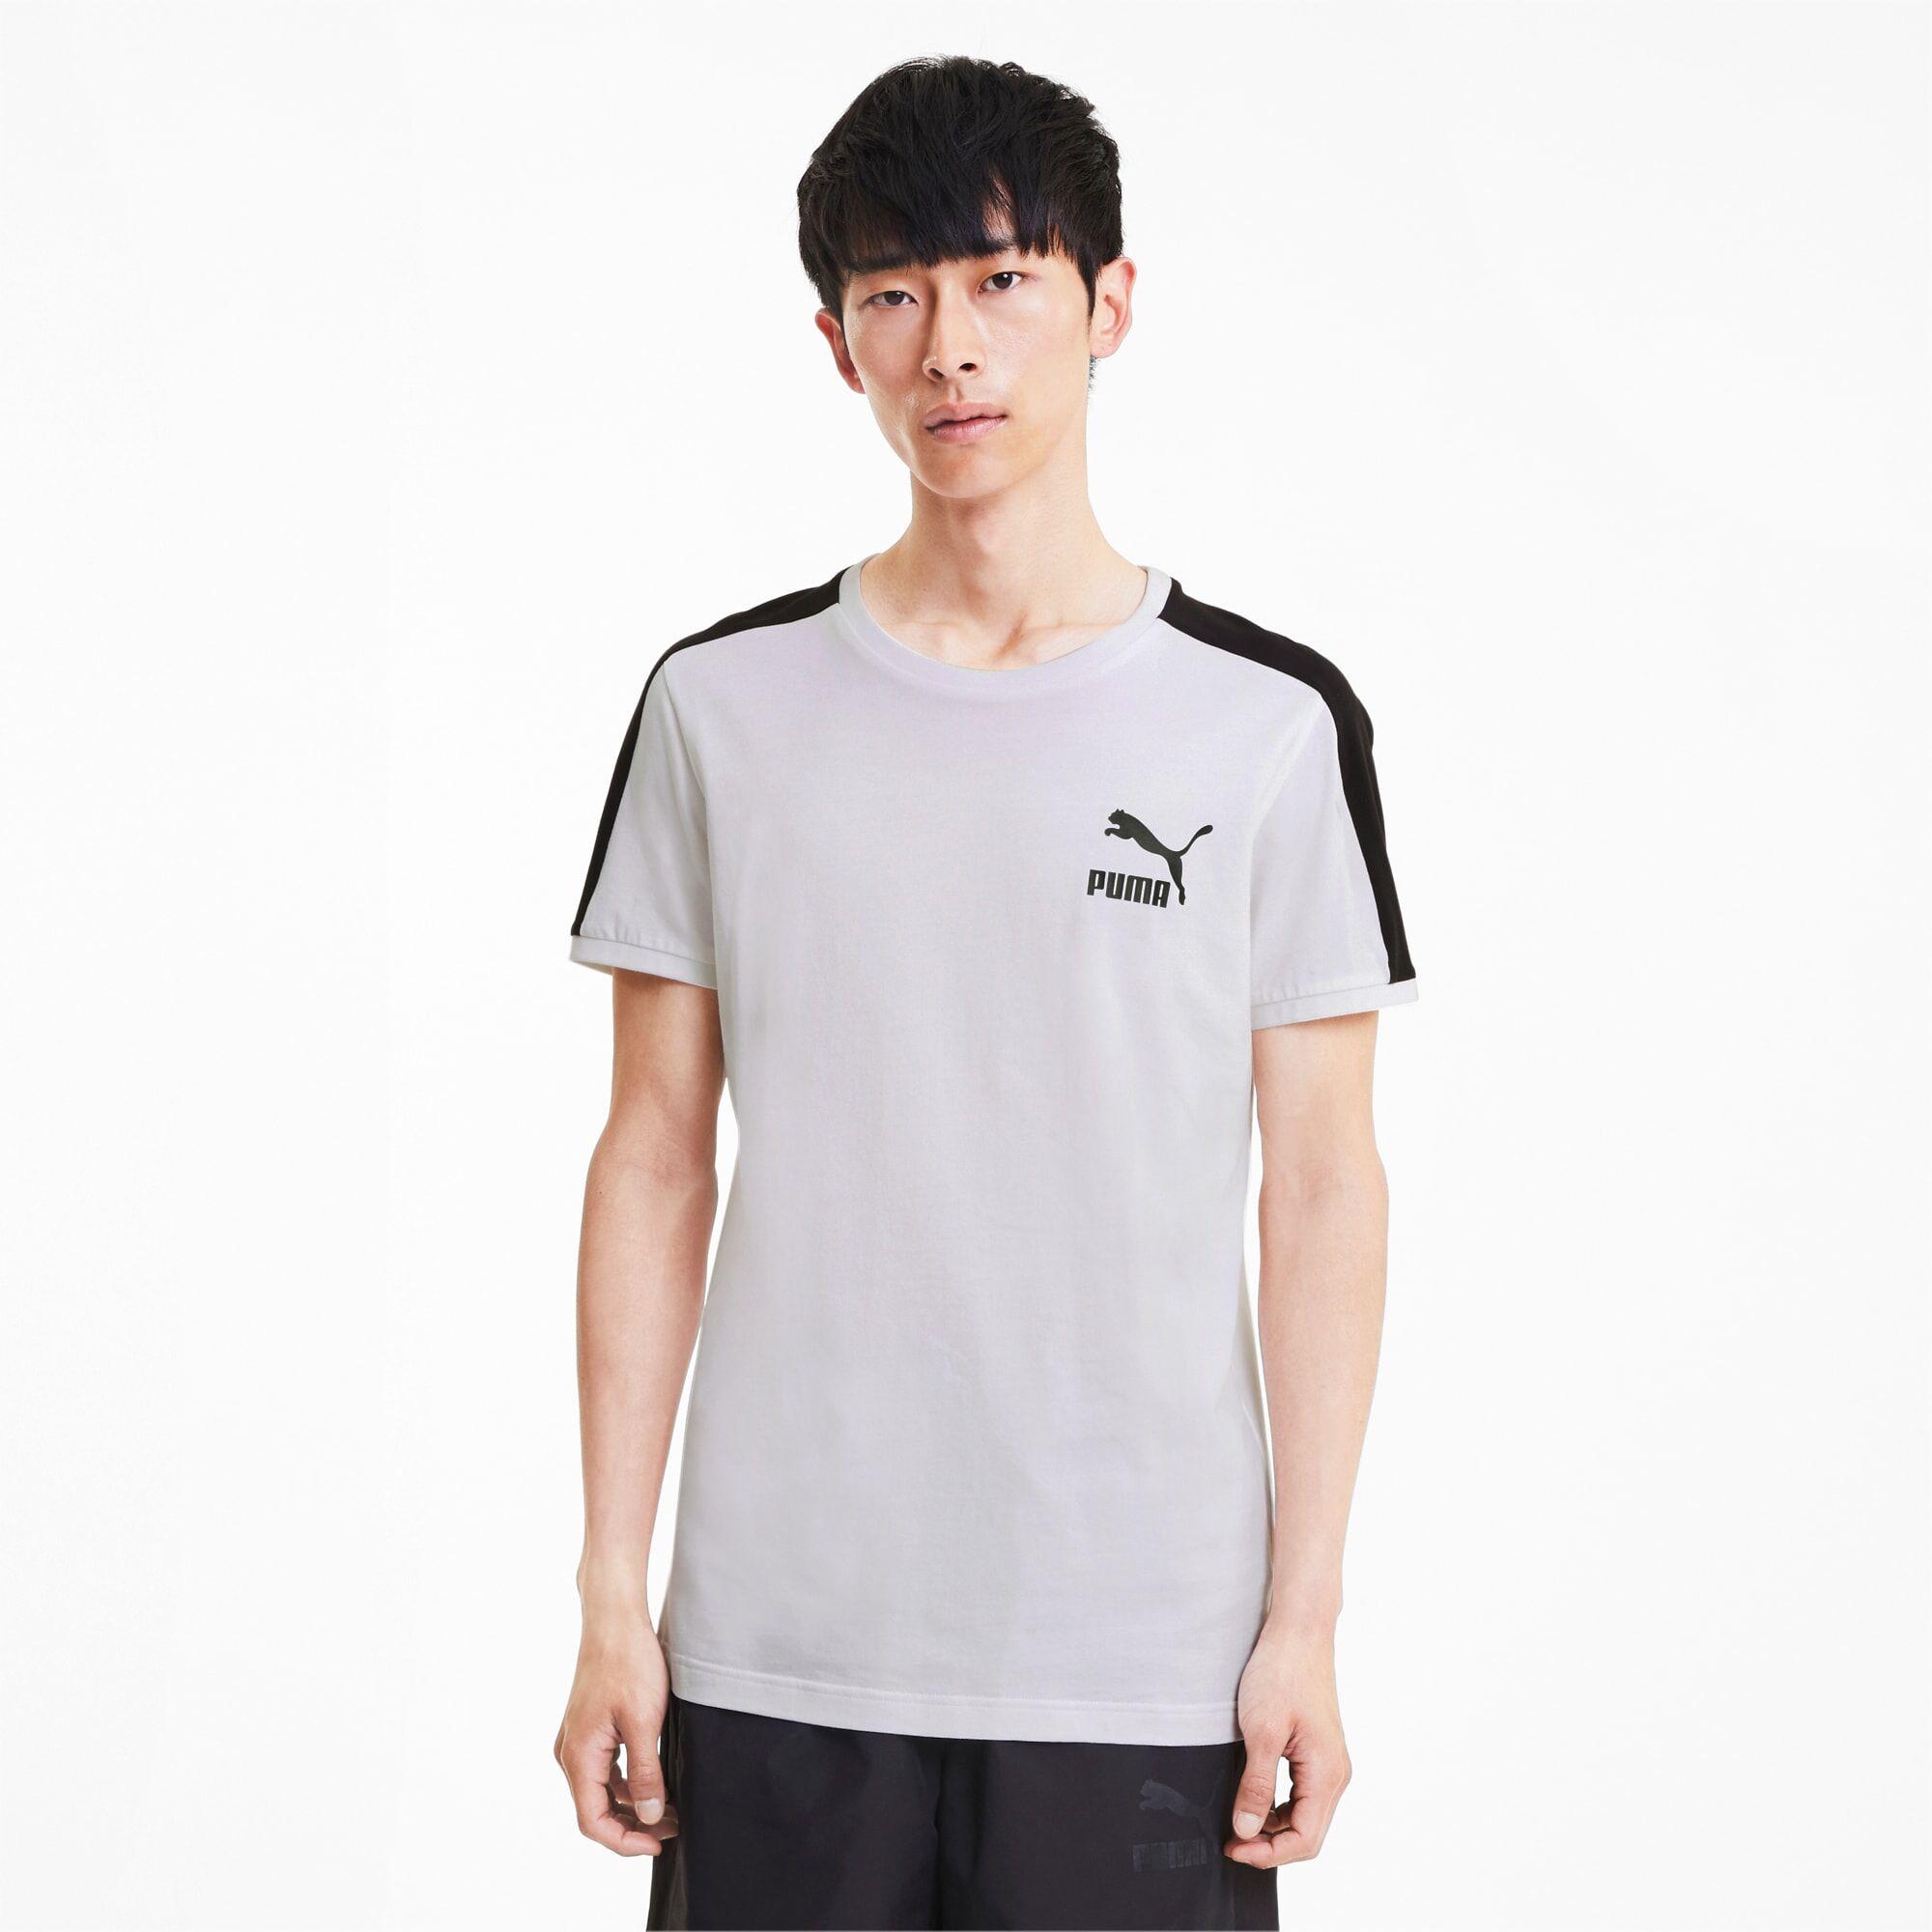 PUMA T-Shirt Iconic T7 Slim pour Homme, Blanc, Taille S, Vêtements